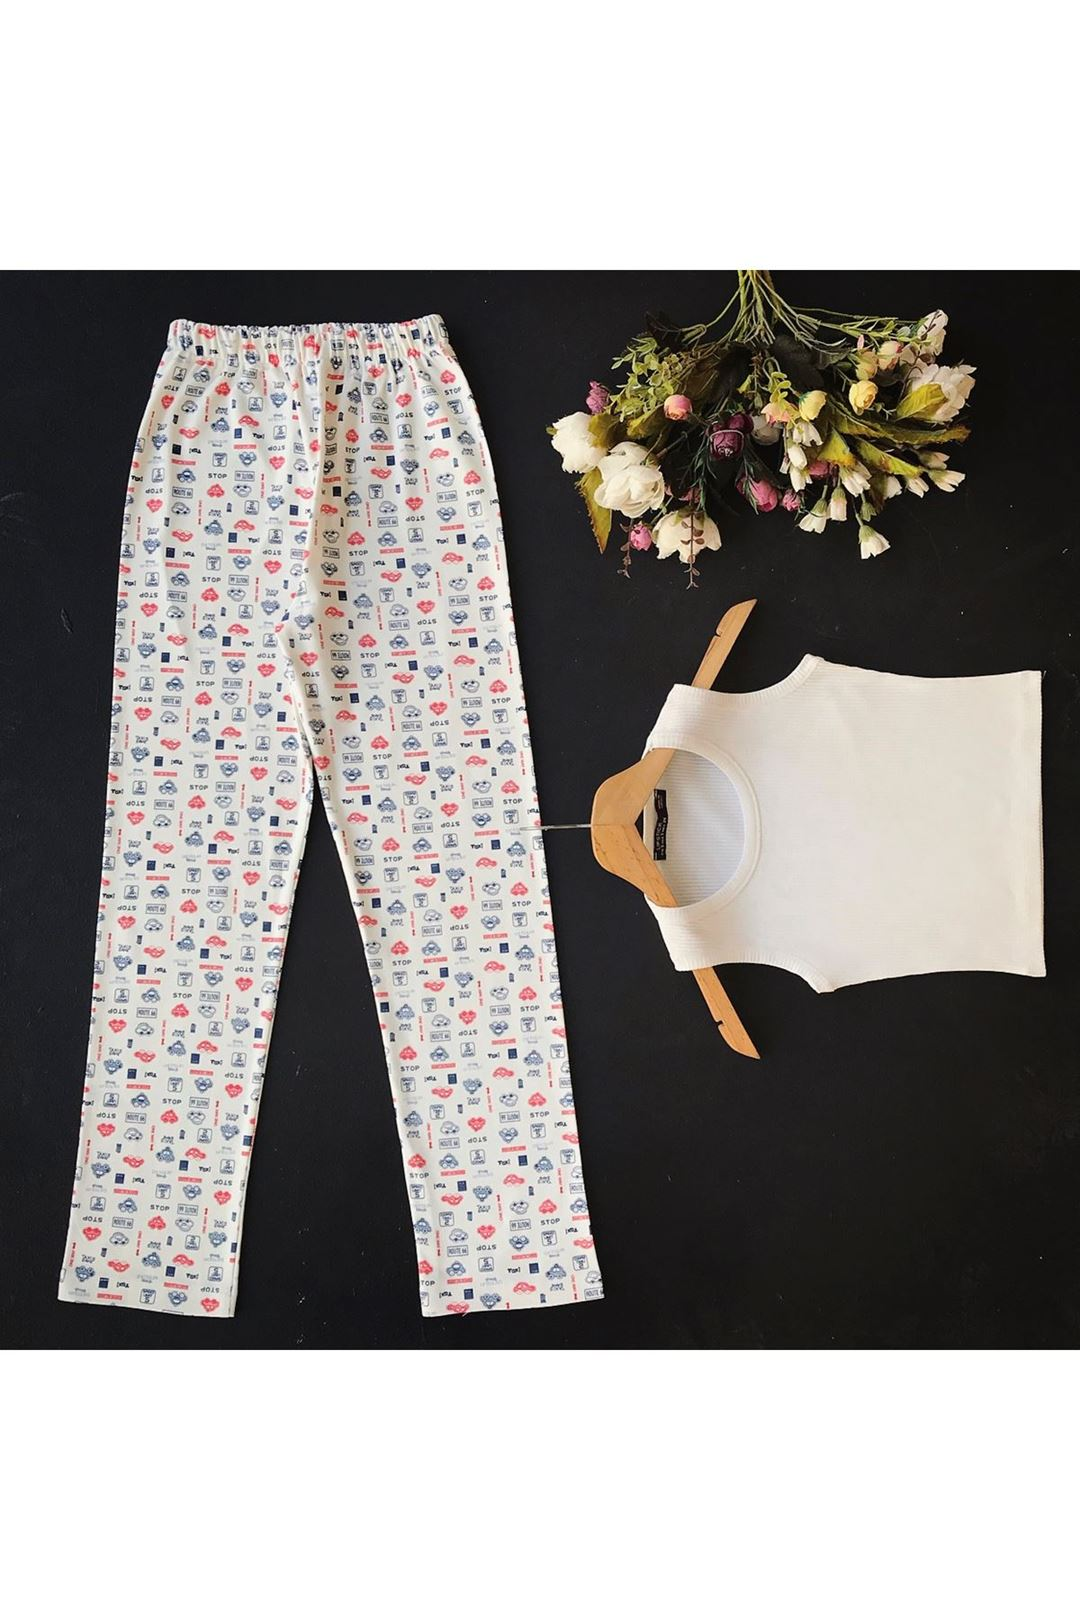 Baskılı Kadın Alt Pijama 1227651